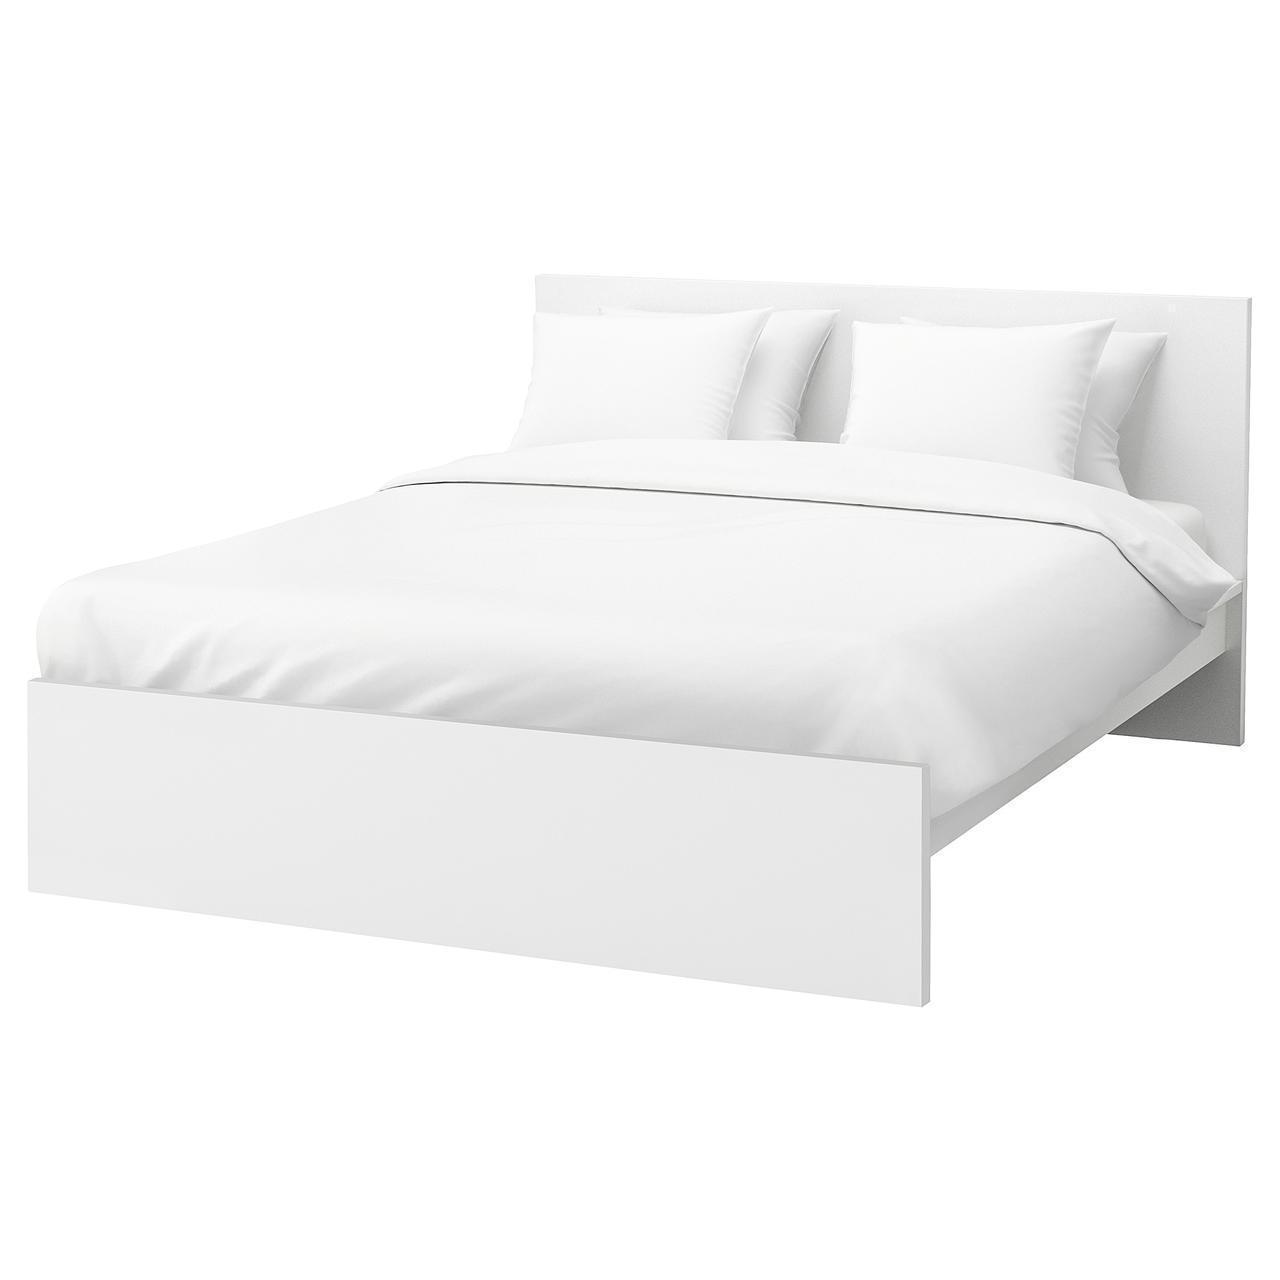 IKEA MALM Кровать высокая, белый, Леирсунд  (190.198.44)